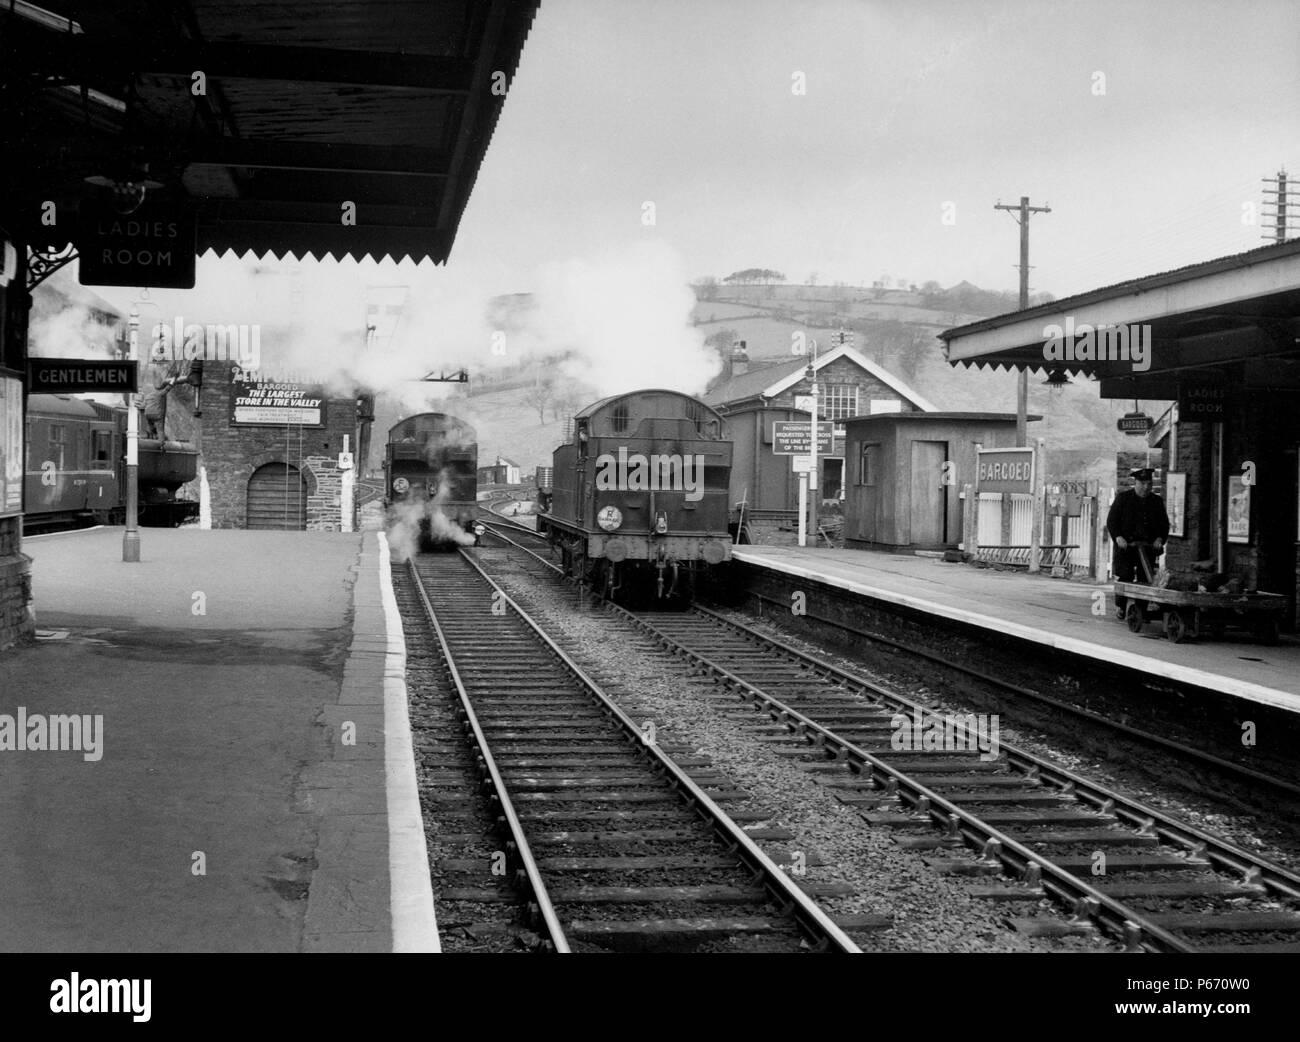 Die beiden mittleren Gleise in diesem Nord - Blick von wattsville Station waren ursprünglich Der Rhymney Railway Main Line von Cardiff nach Rhymney. In diesem v Stockfoto